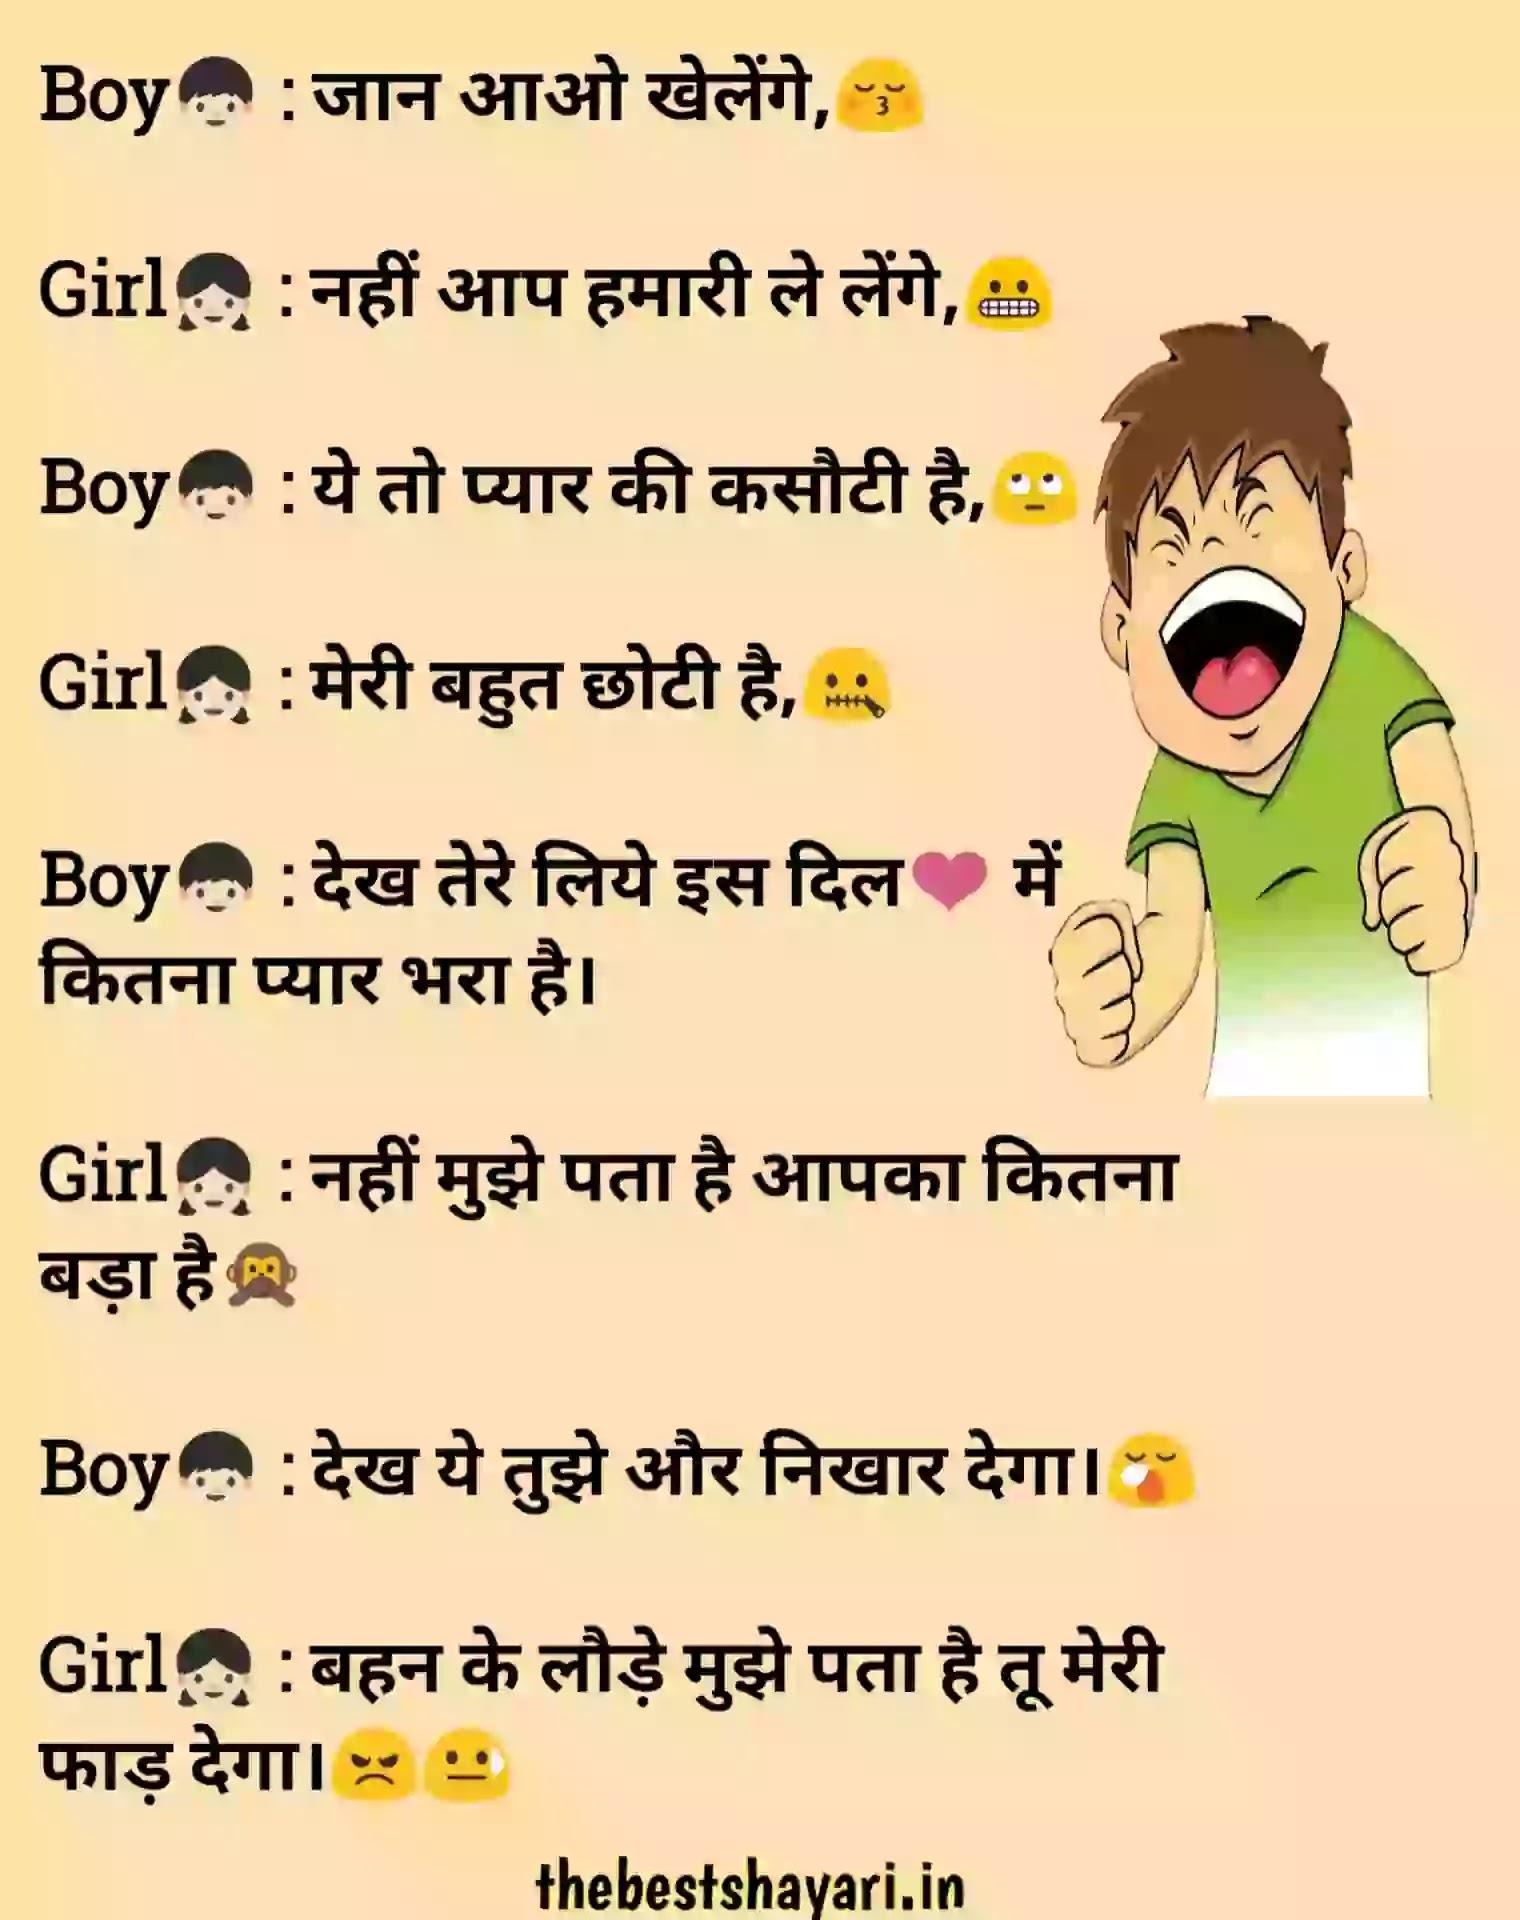 Ganda jokes in Hindi